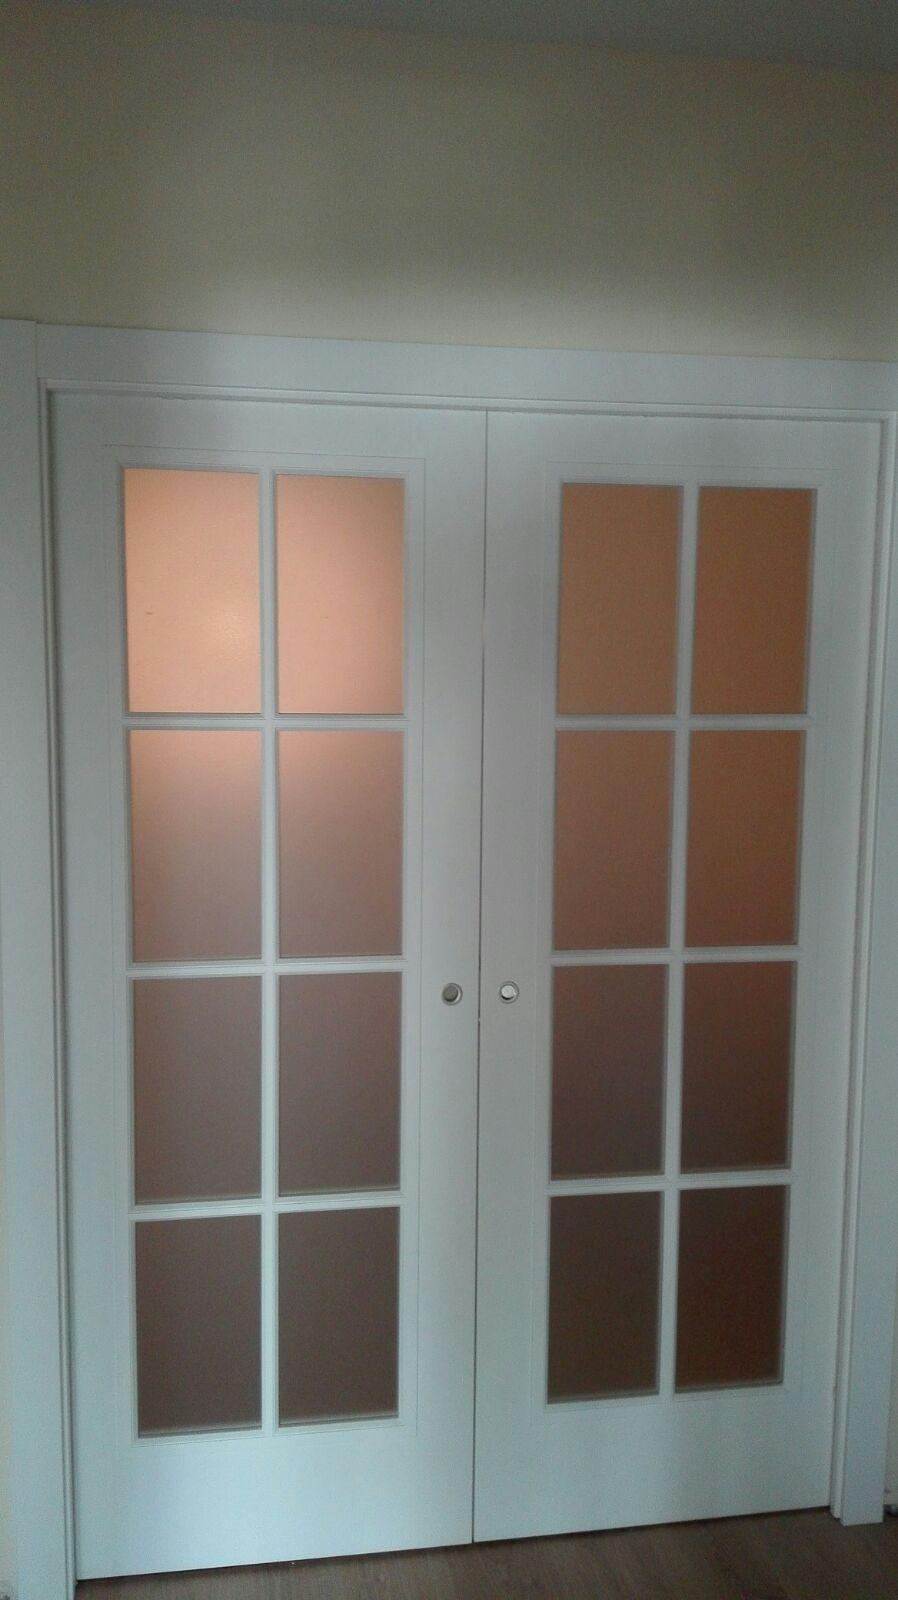 Puerta corredera doble lacada en blanco modelo fontana for Puertas correderas de cristal